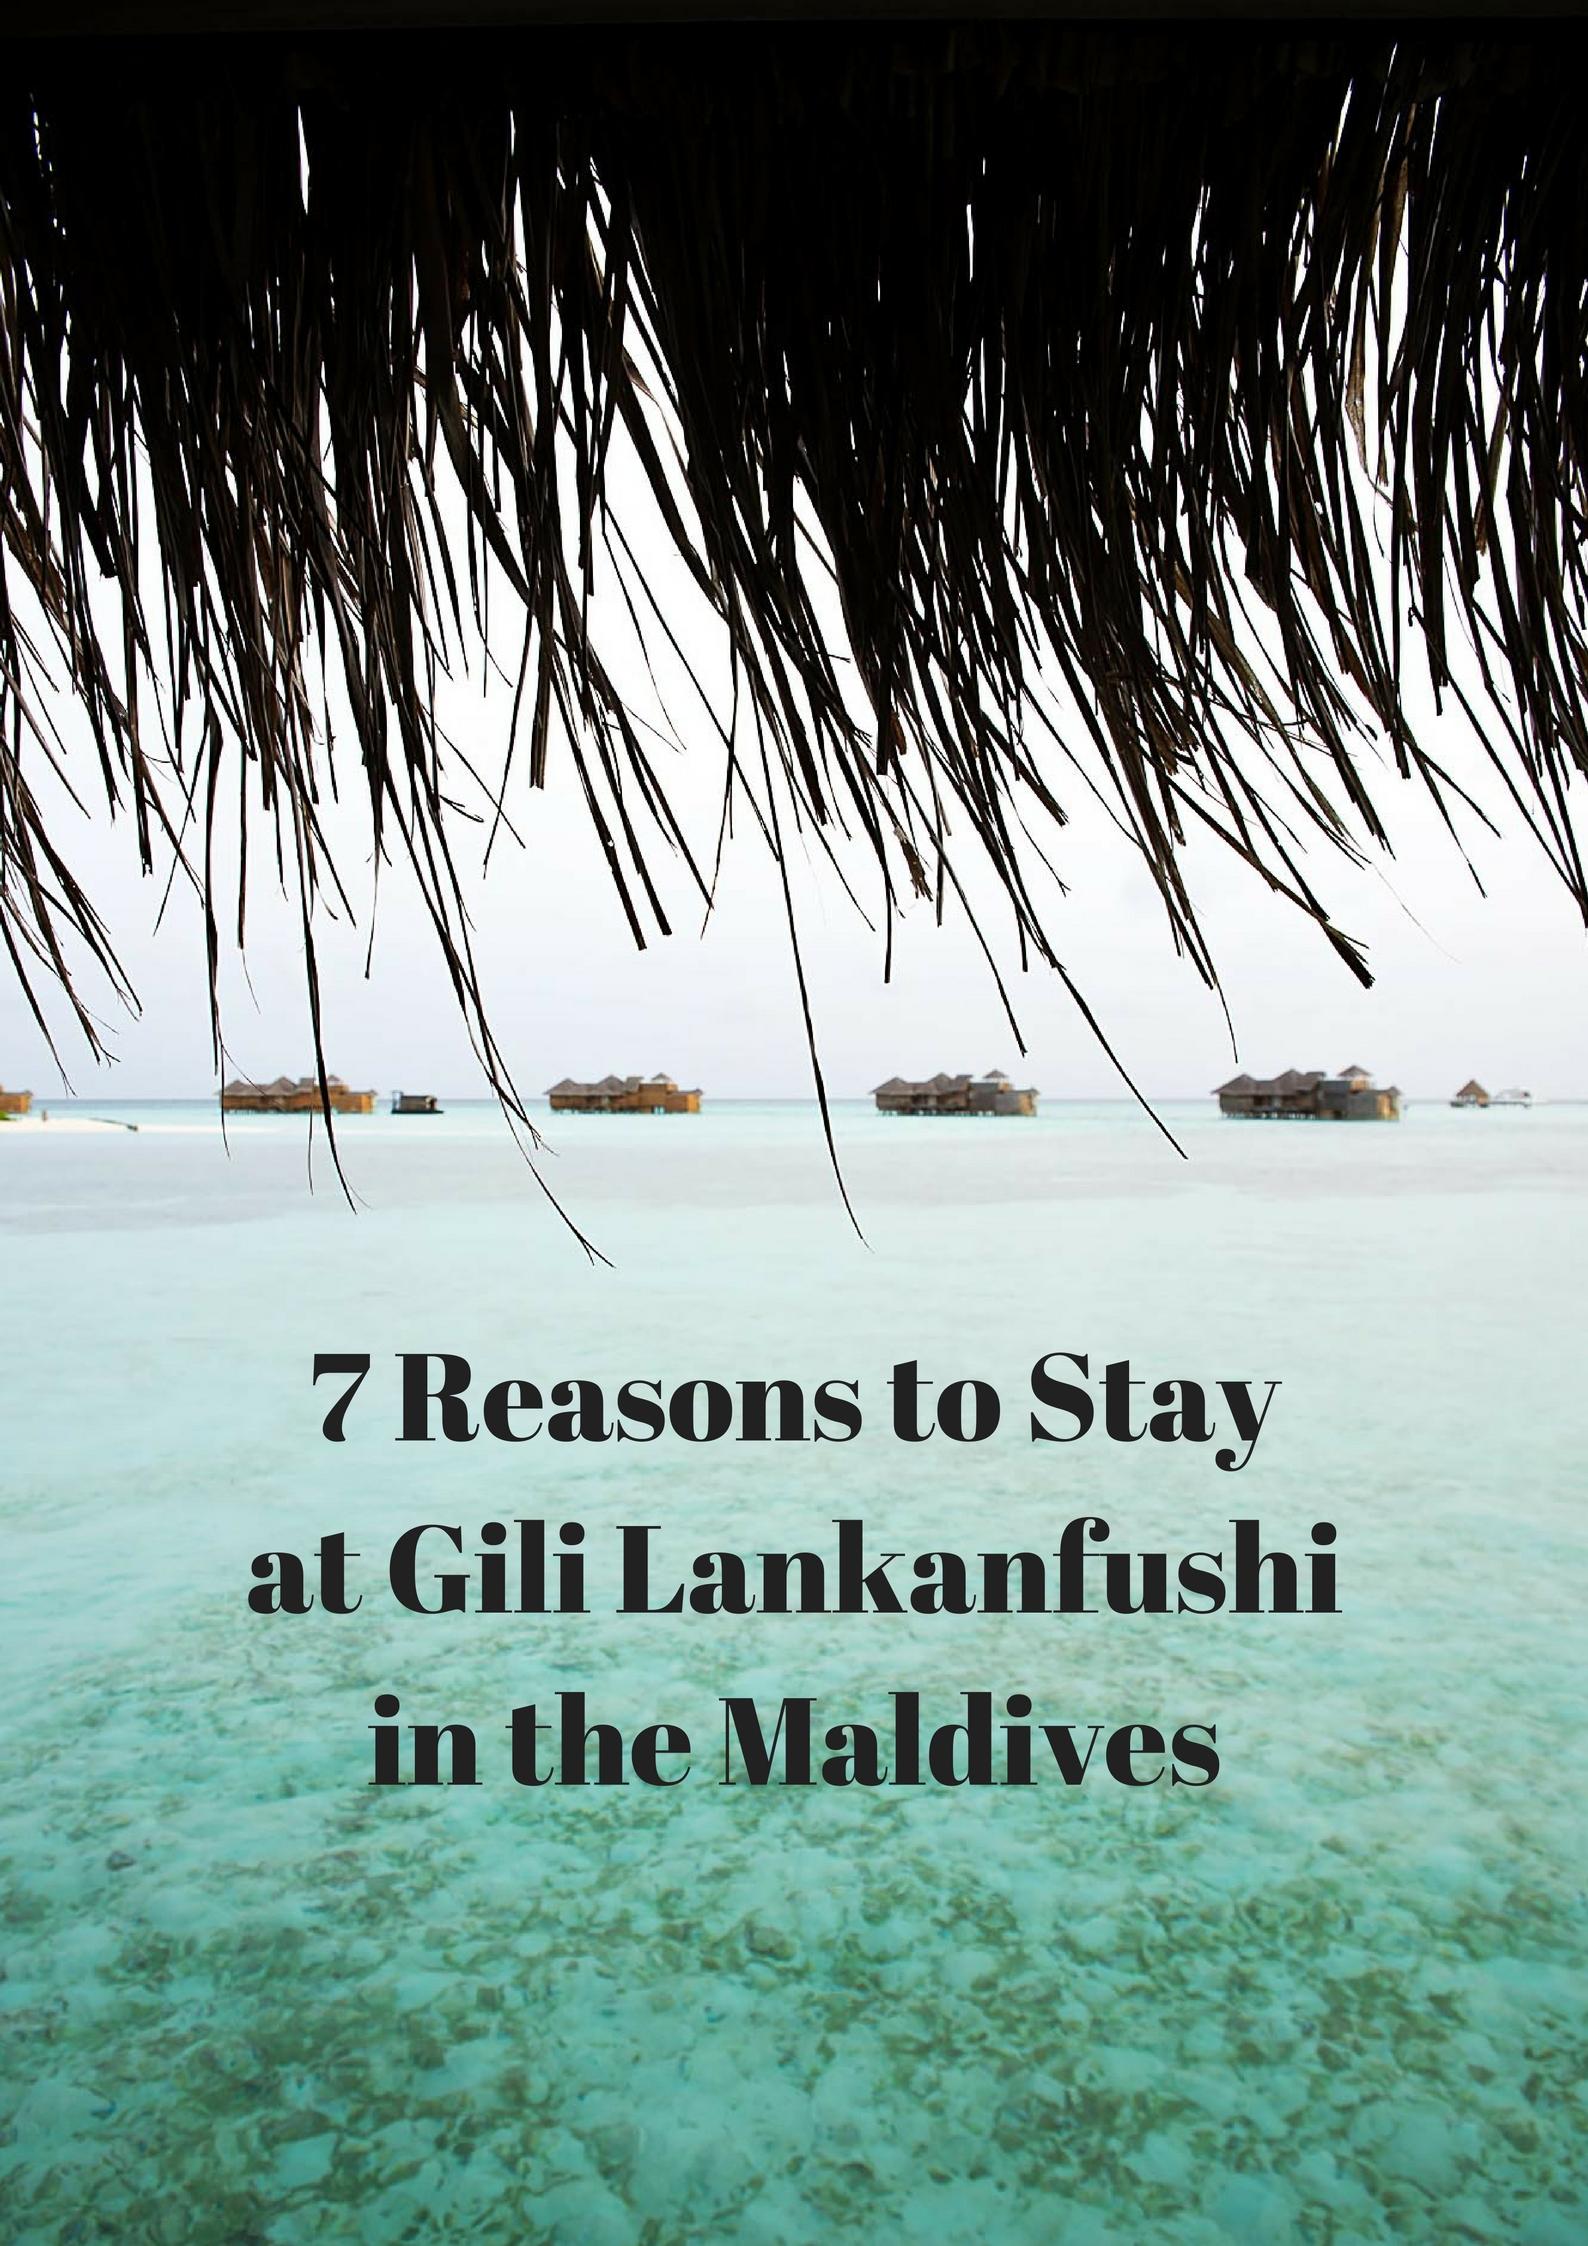 7 Reasons to Stay at Gili Lankanfushi in the Maldives